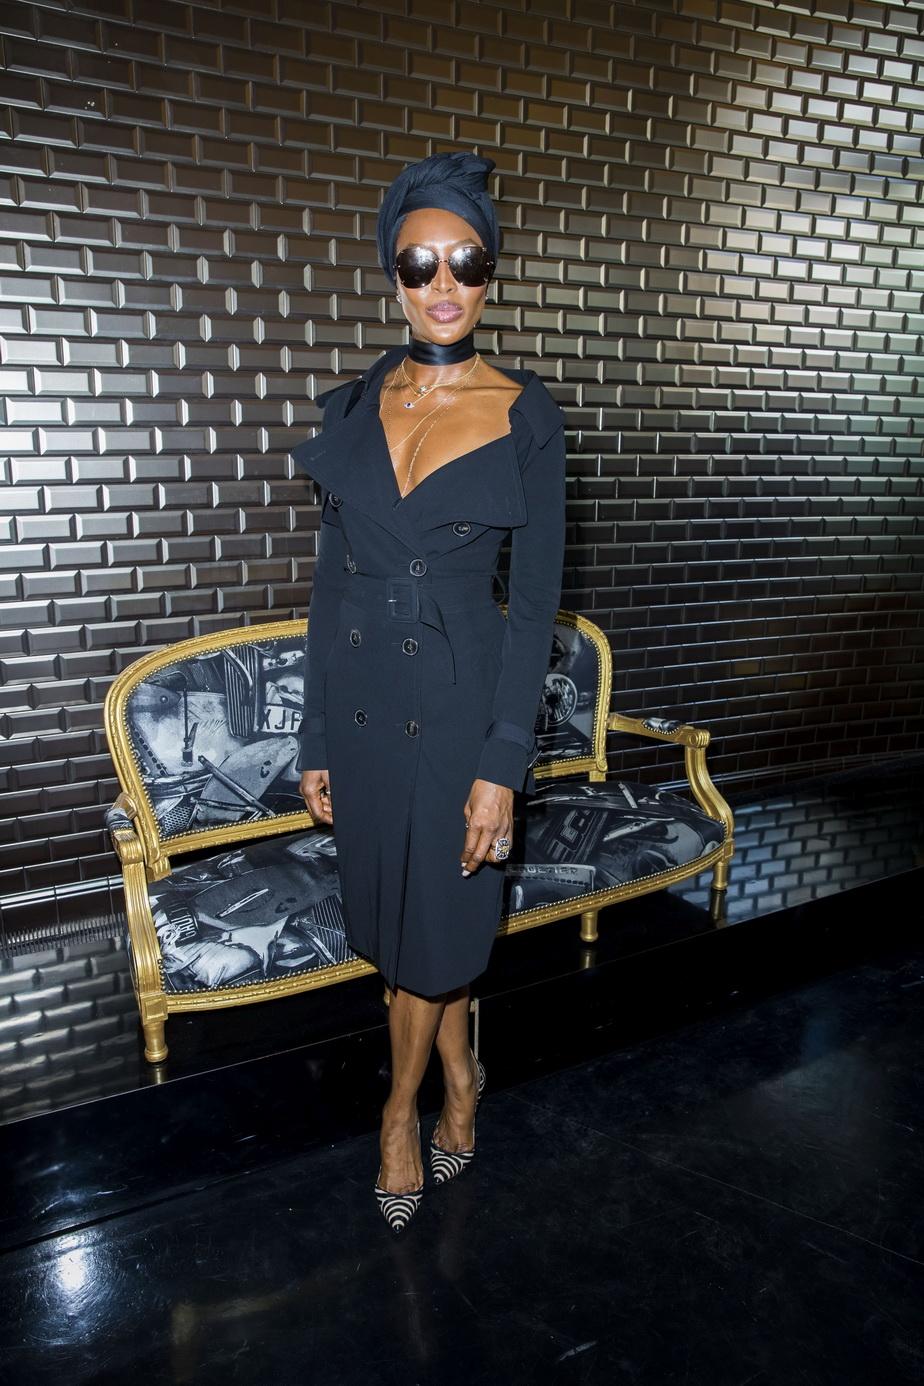 FOTO Naomi Campbell, apariție imposibil de uitat, la 48 de ani